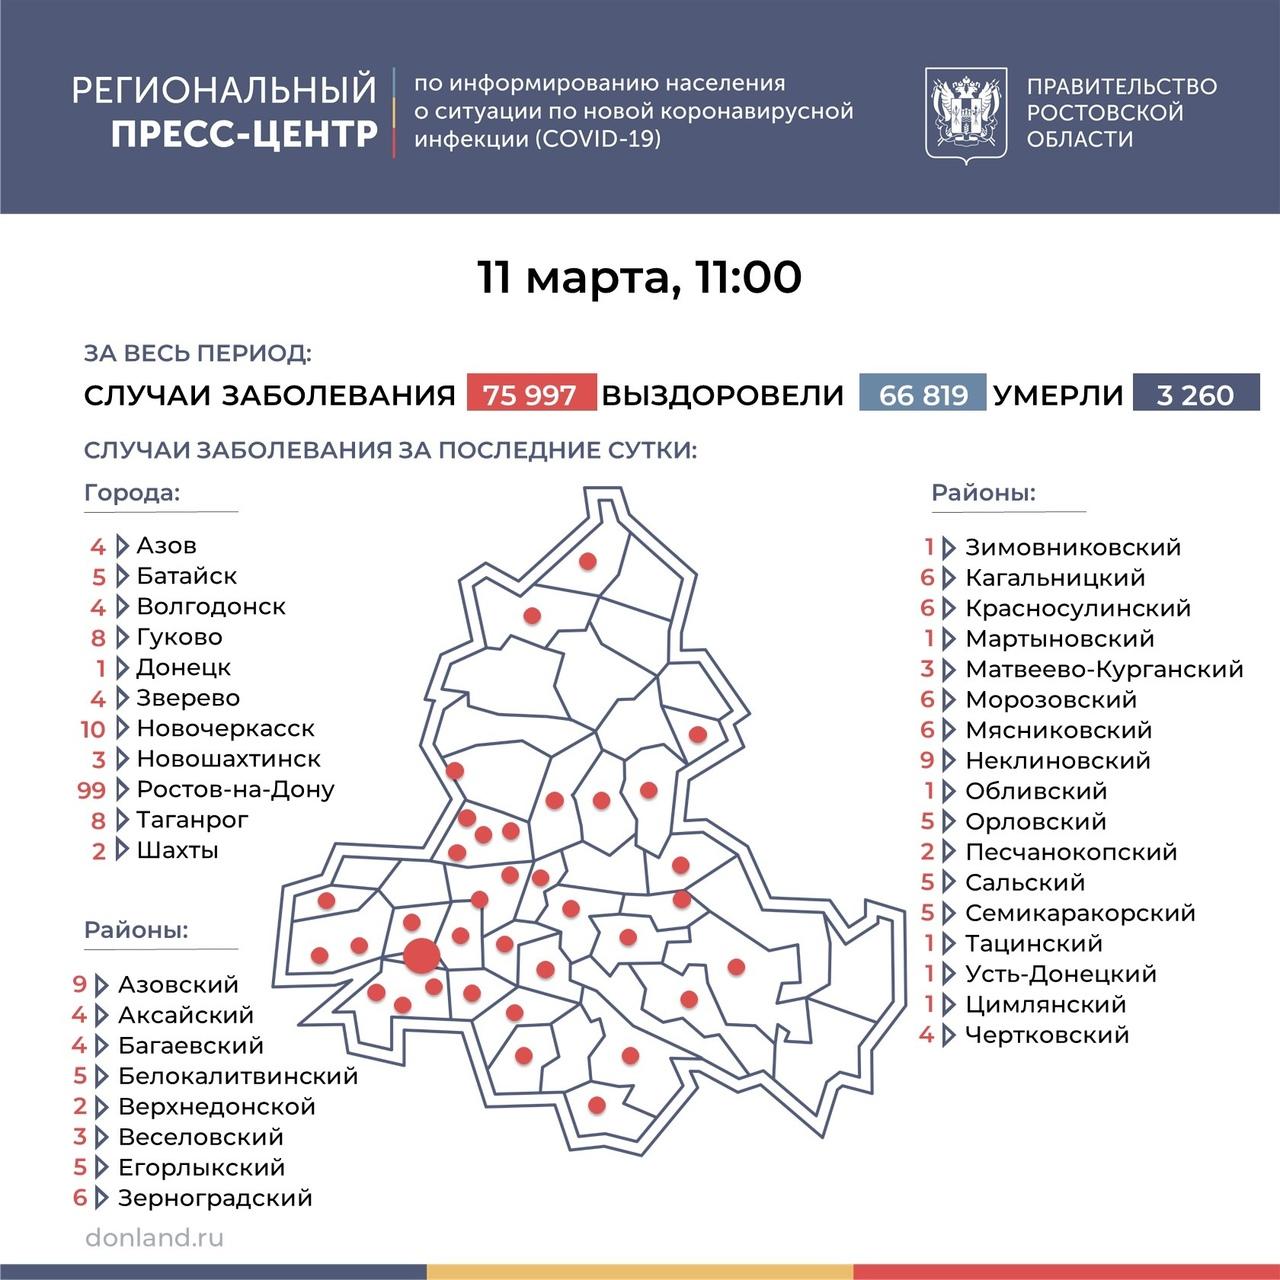 На Дону число инфицированных COVID-19 снизилось до 249, в Таганроге 8 новых случаев